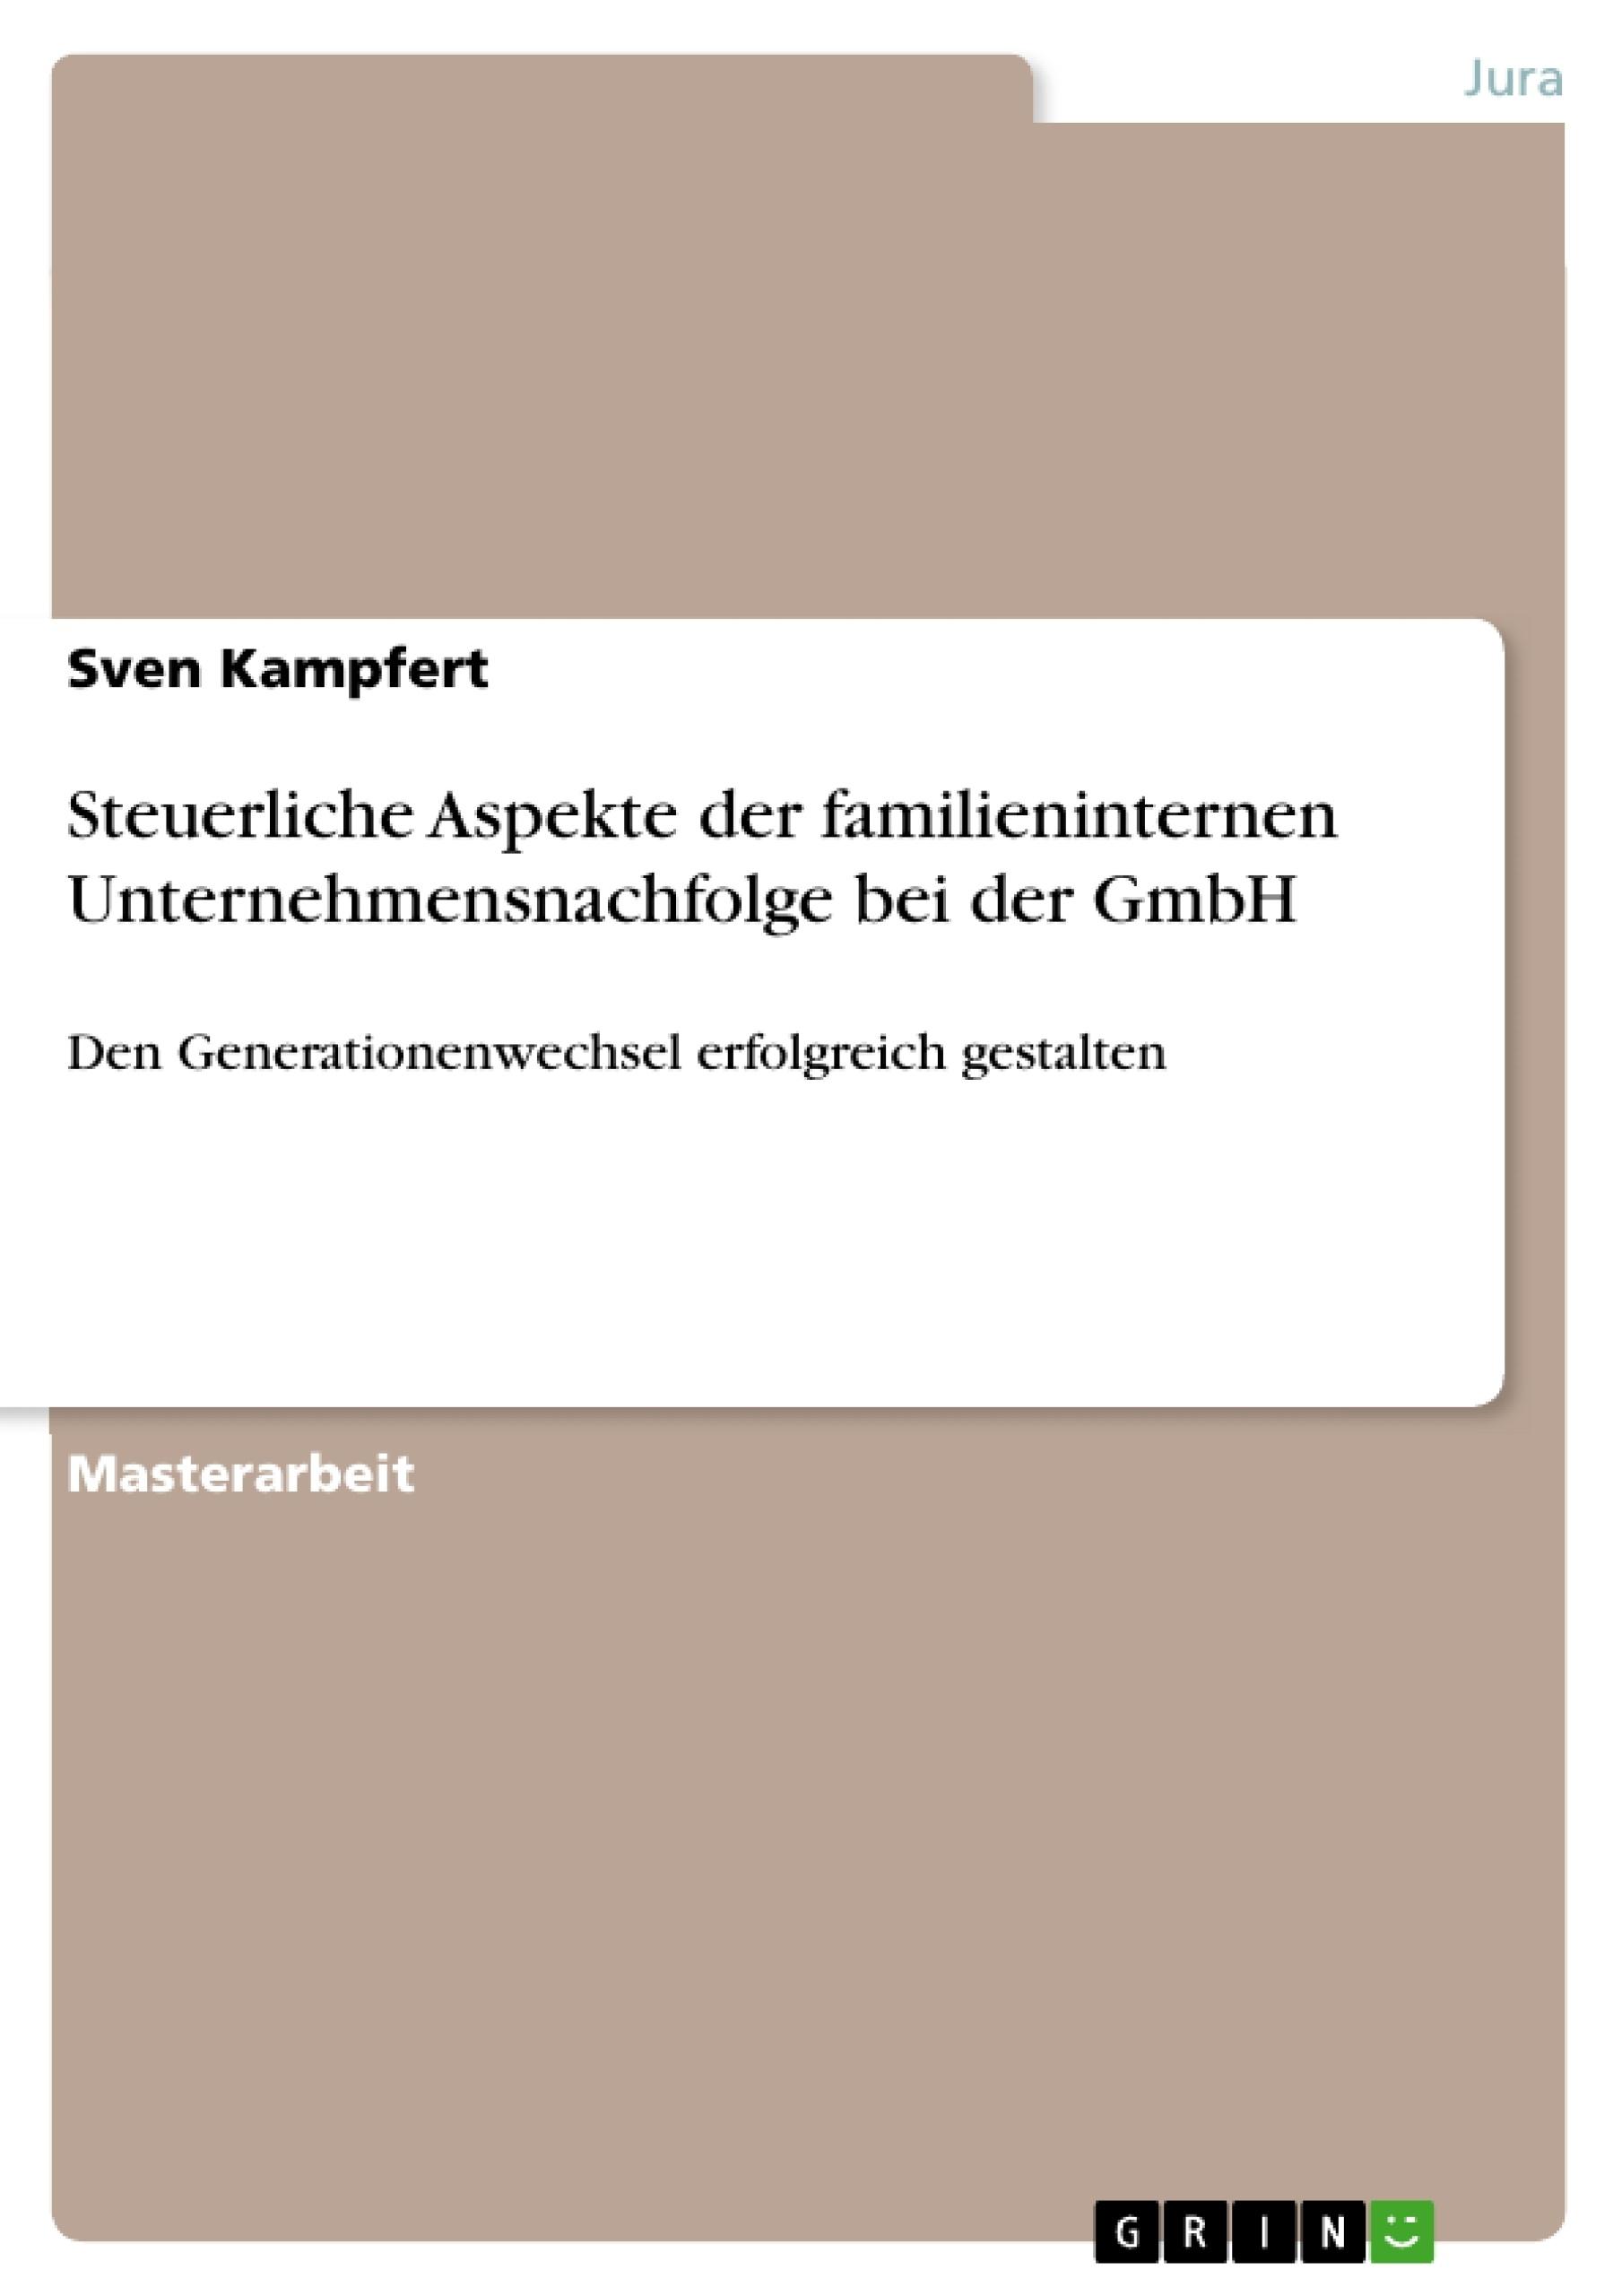 Titel: Steuerliche Aspekte der familieninternen Unternehmensnachfolge bei der GmbH